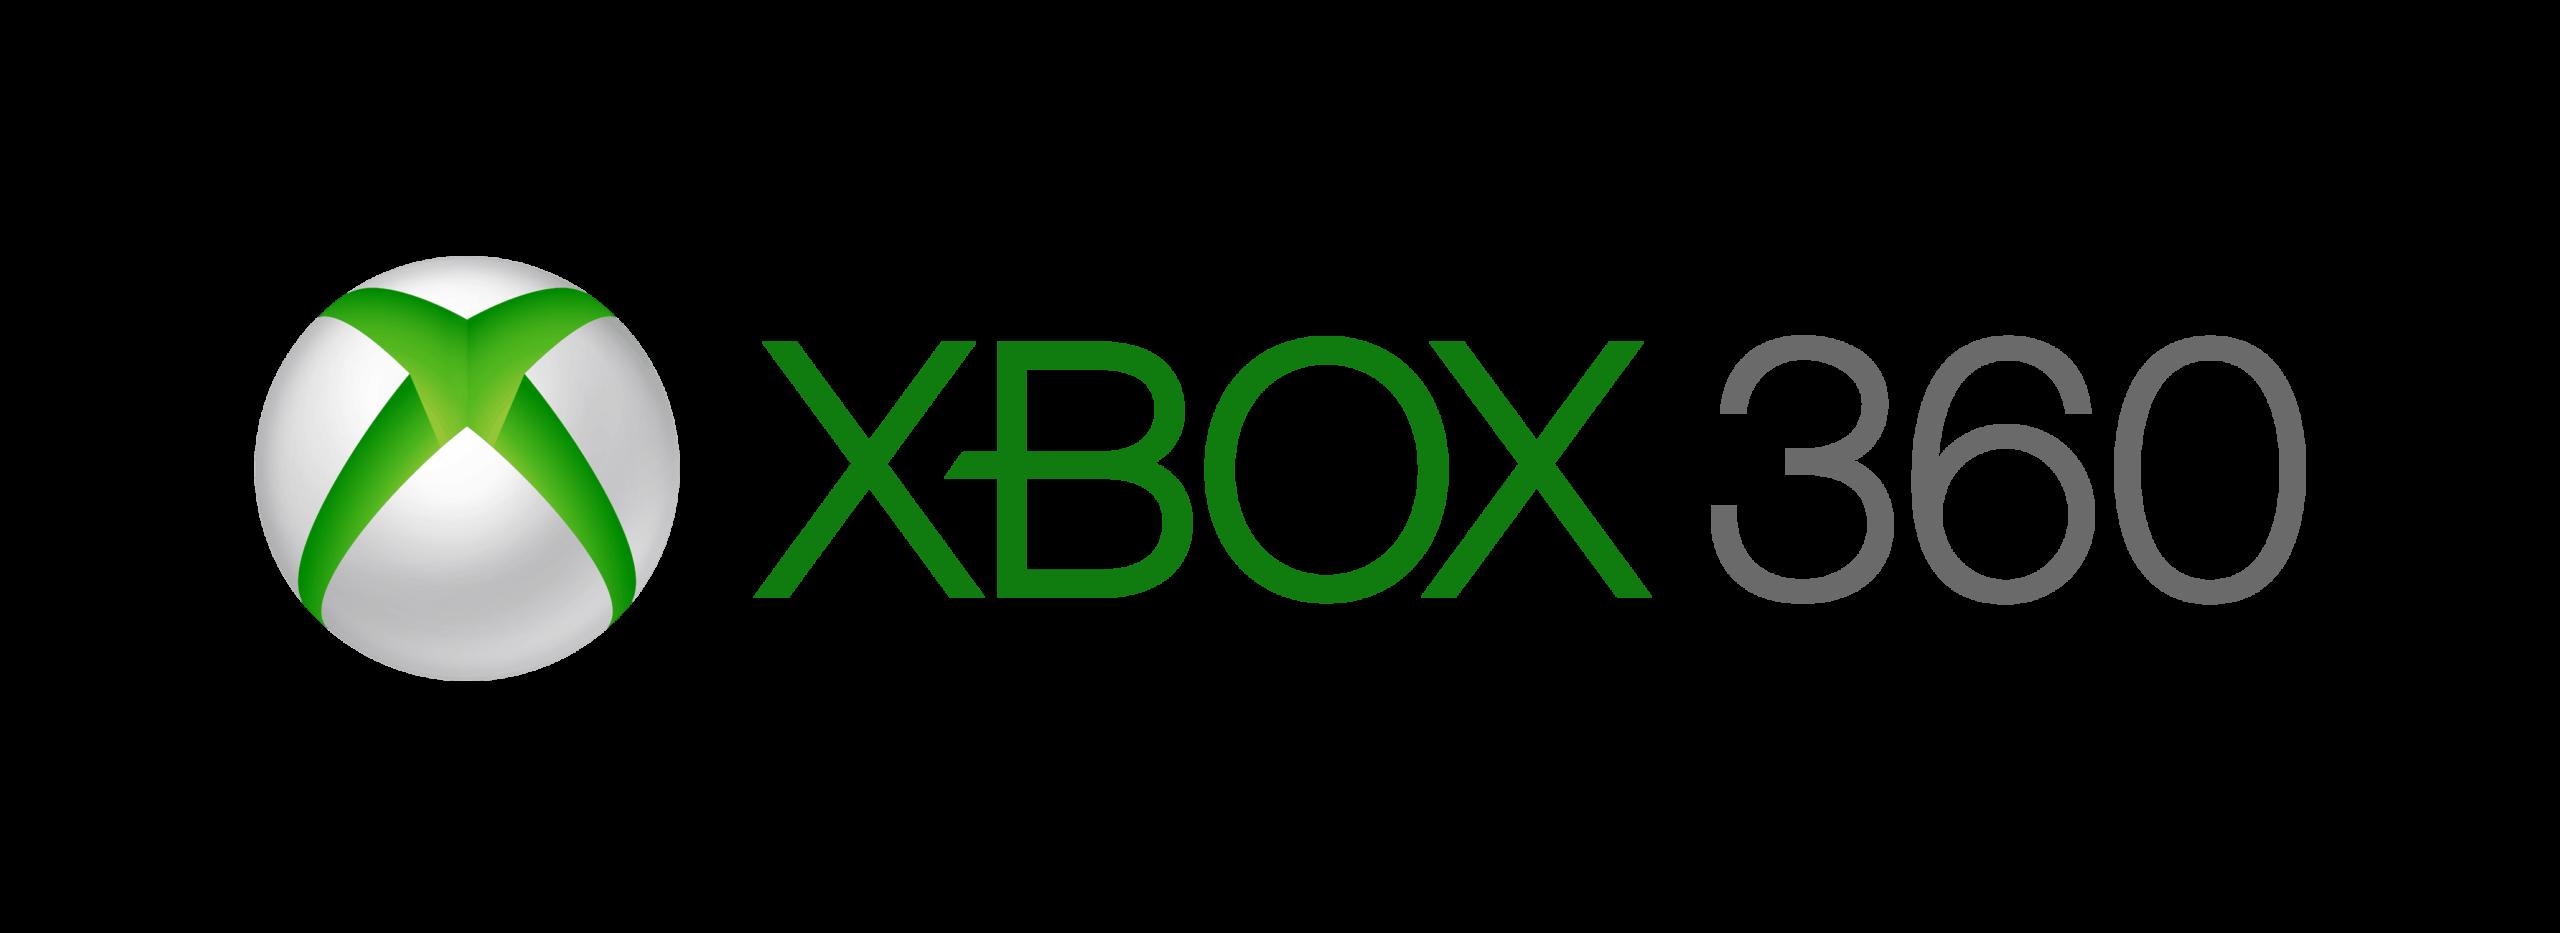 Xbox 360 w swojej bibliotece gier posiada mnóstwo wybitnych pozycji ekskluzywnych, chociażby serię Halo.